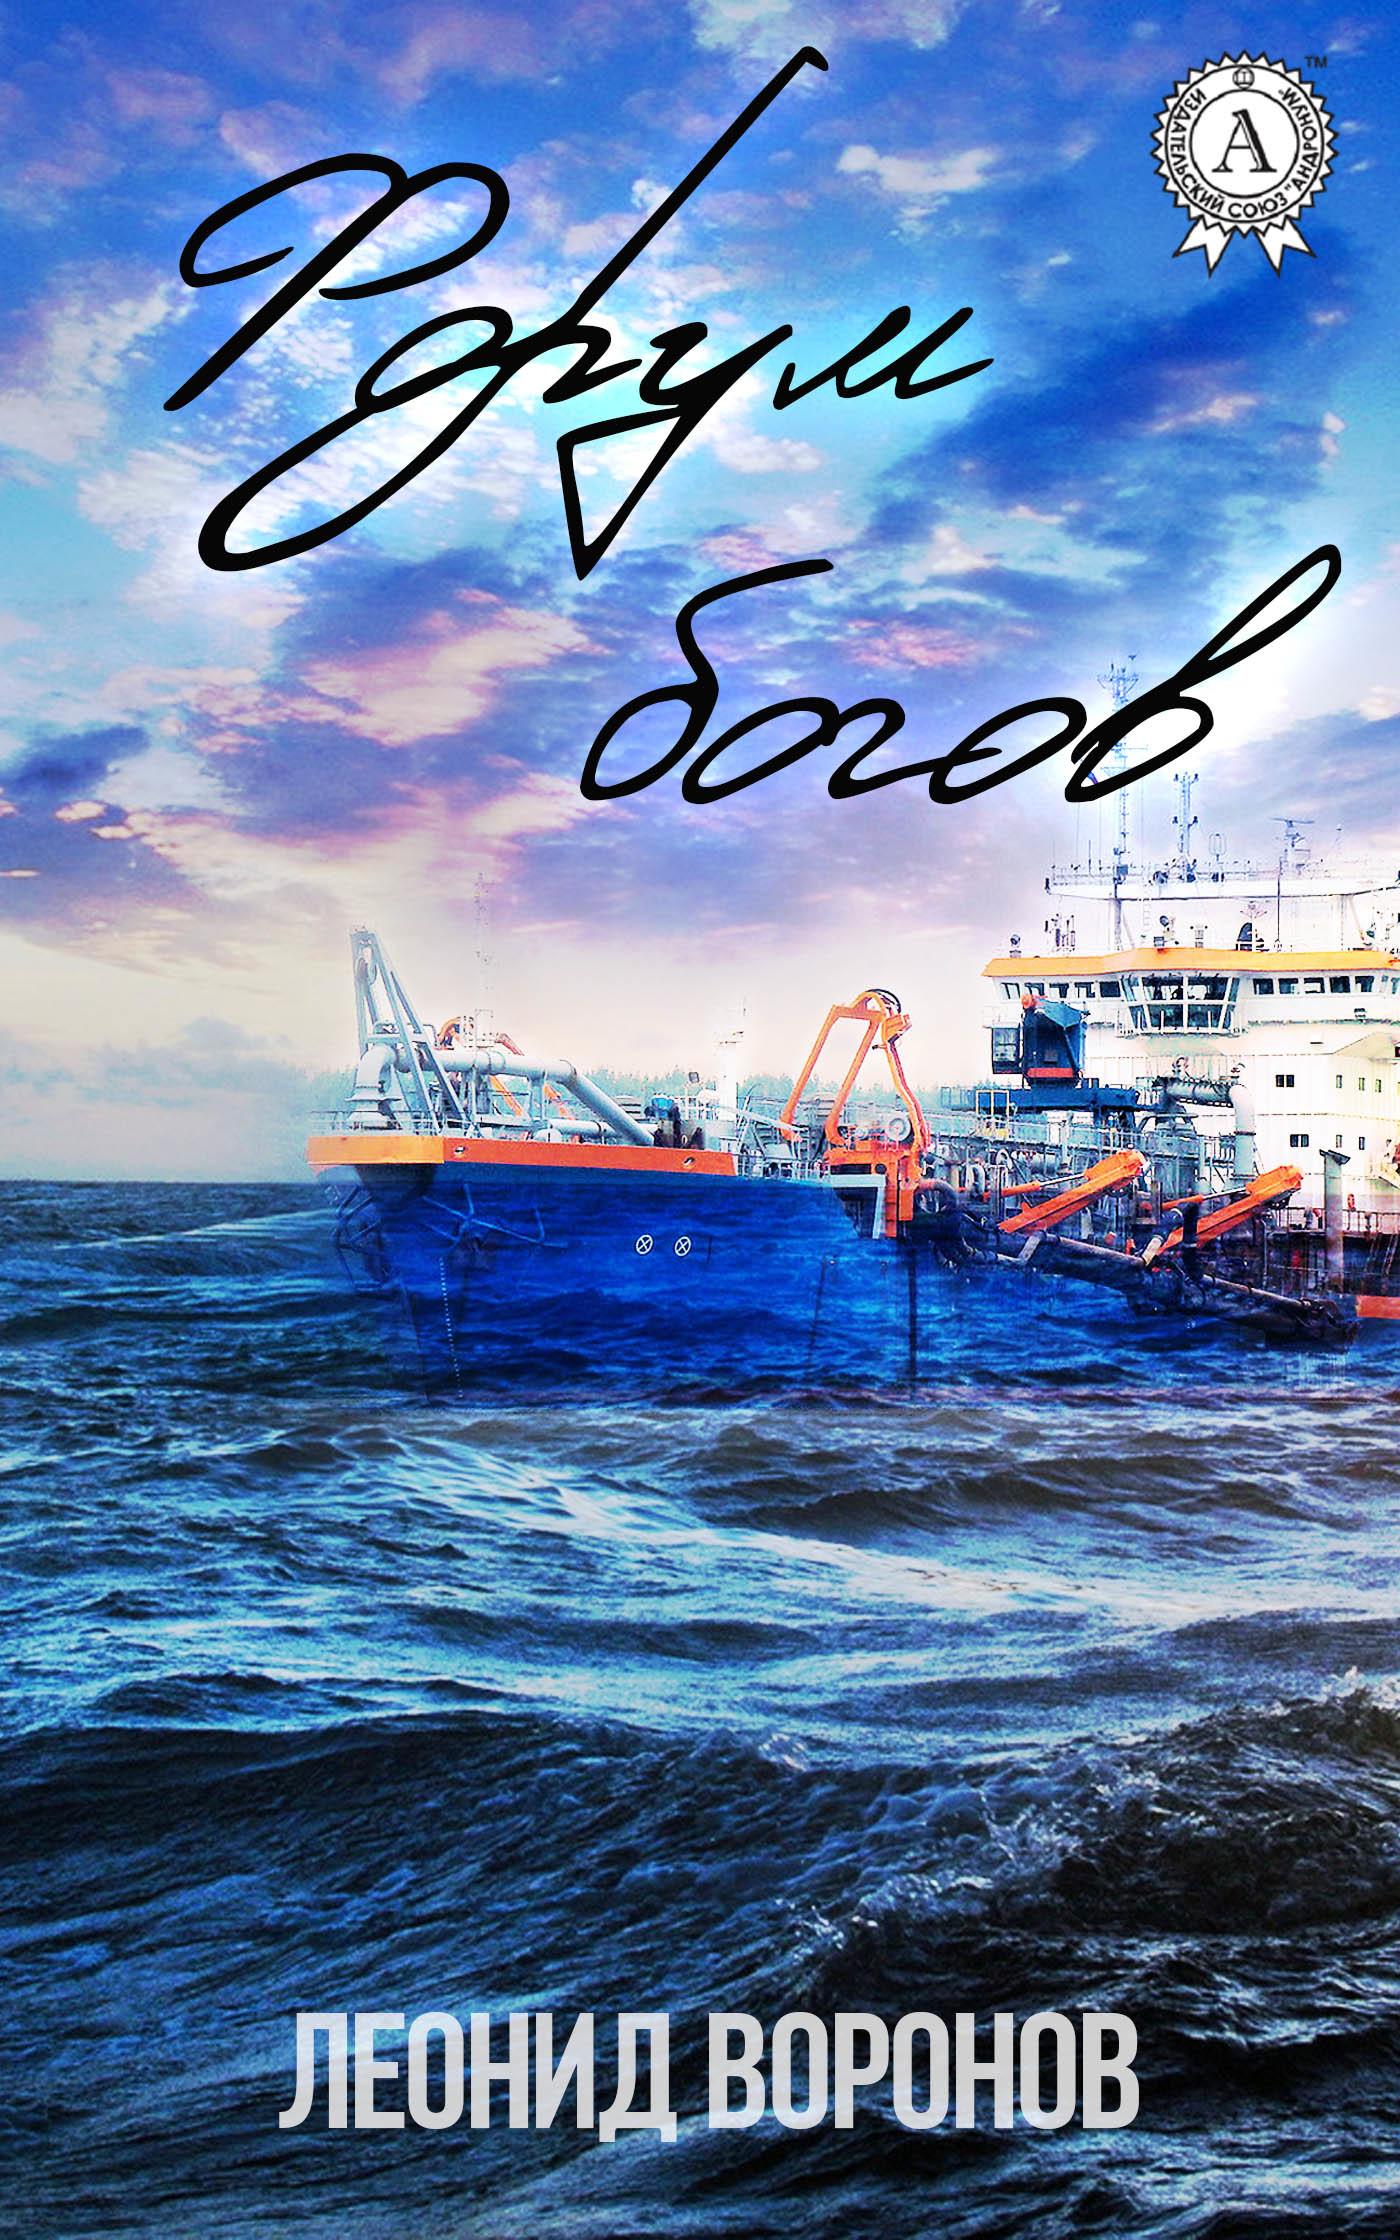 Обложка книги Форум богов, автор Воронов, Леонид